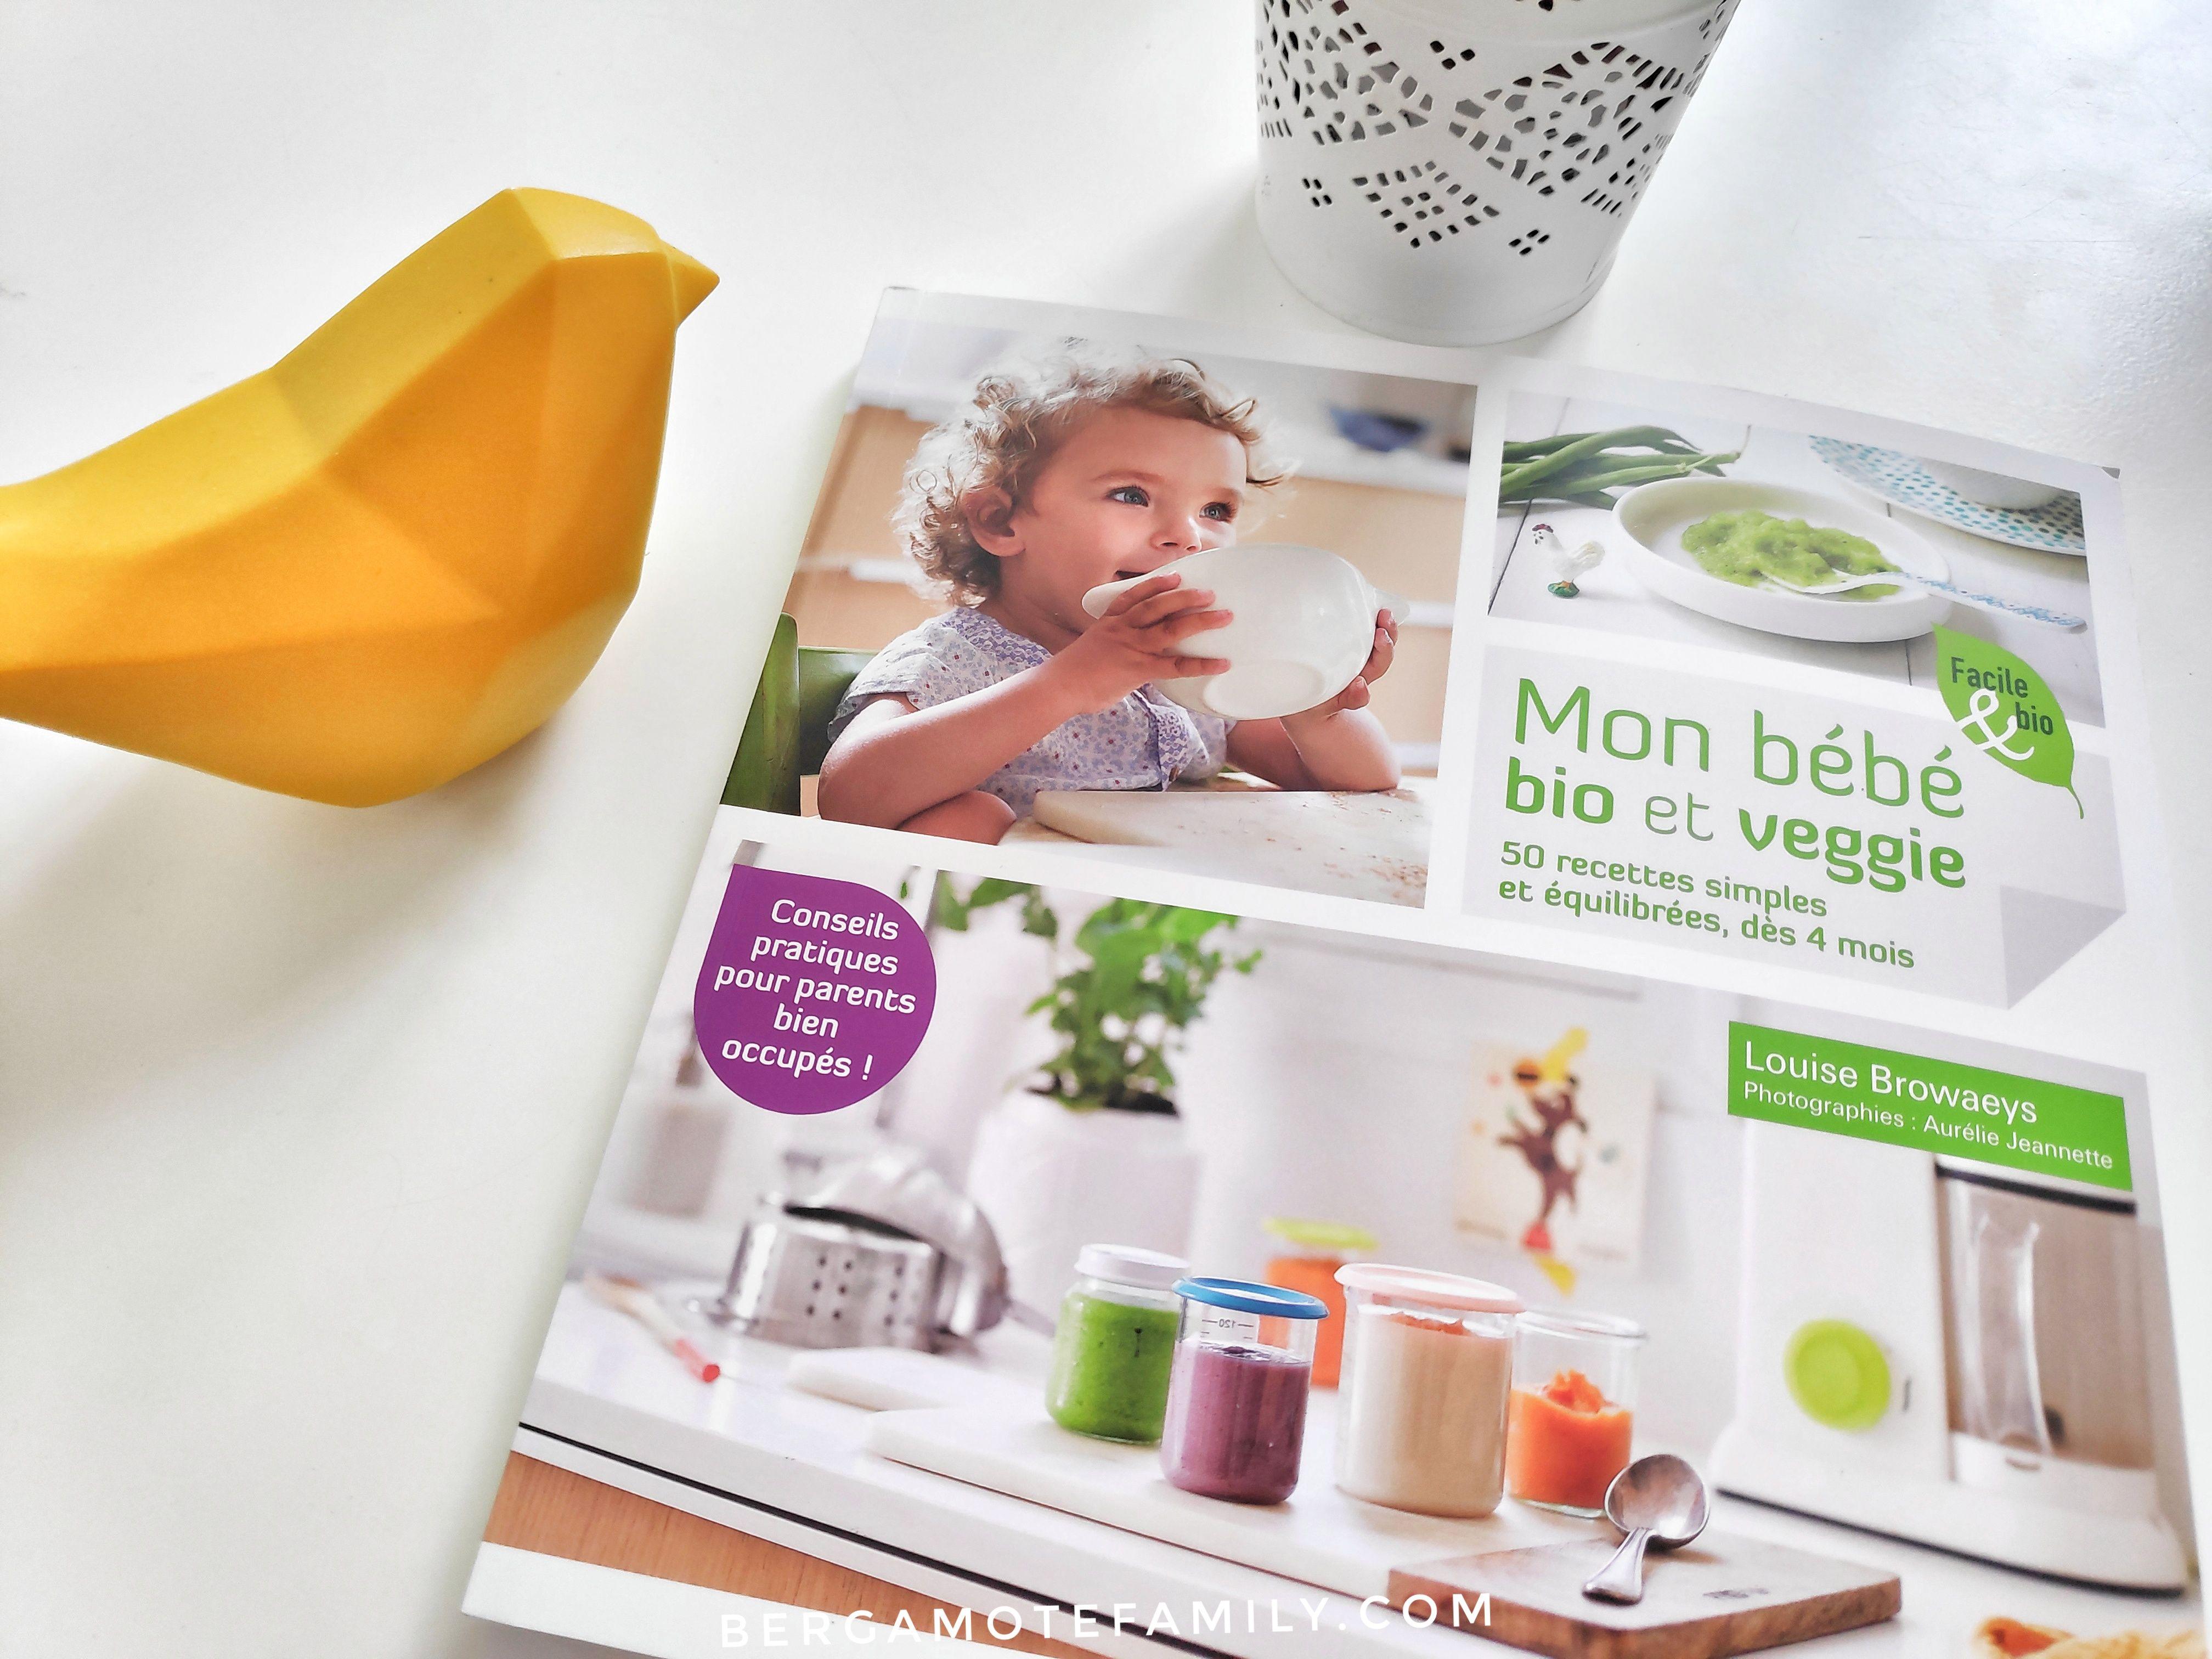 Livre : Mon bébé bio et veggie | Bébé bio, Diversification ...